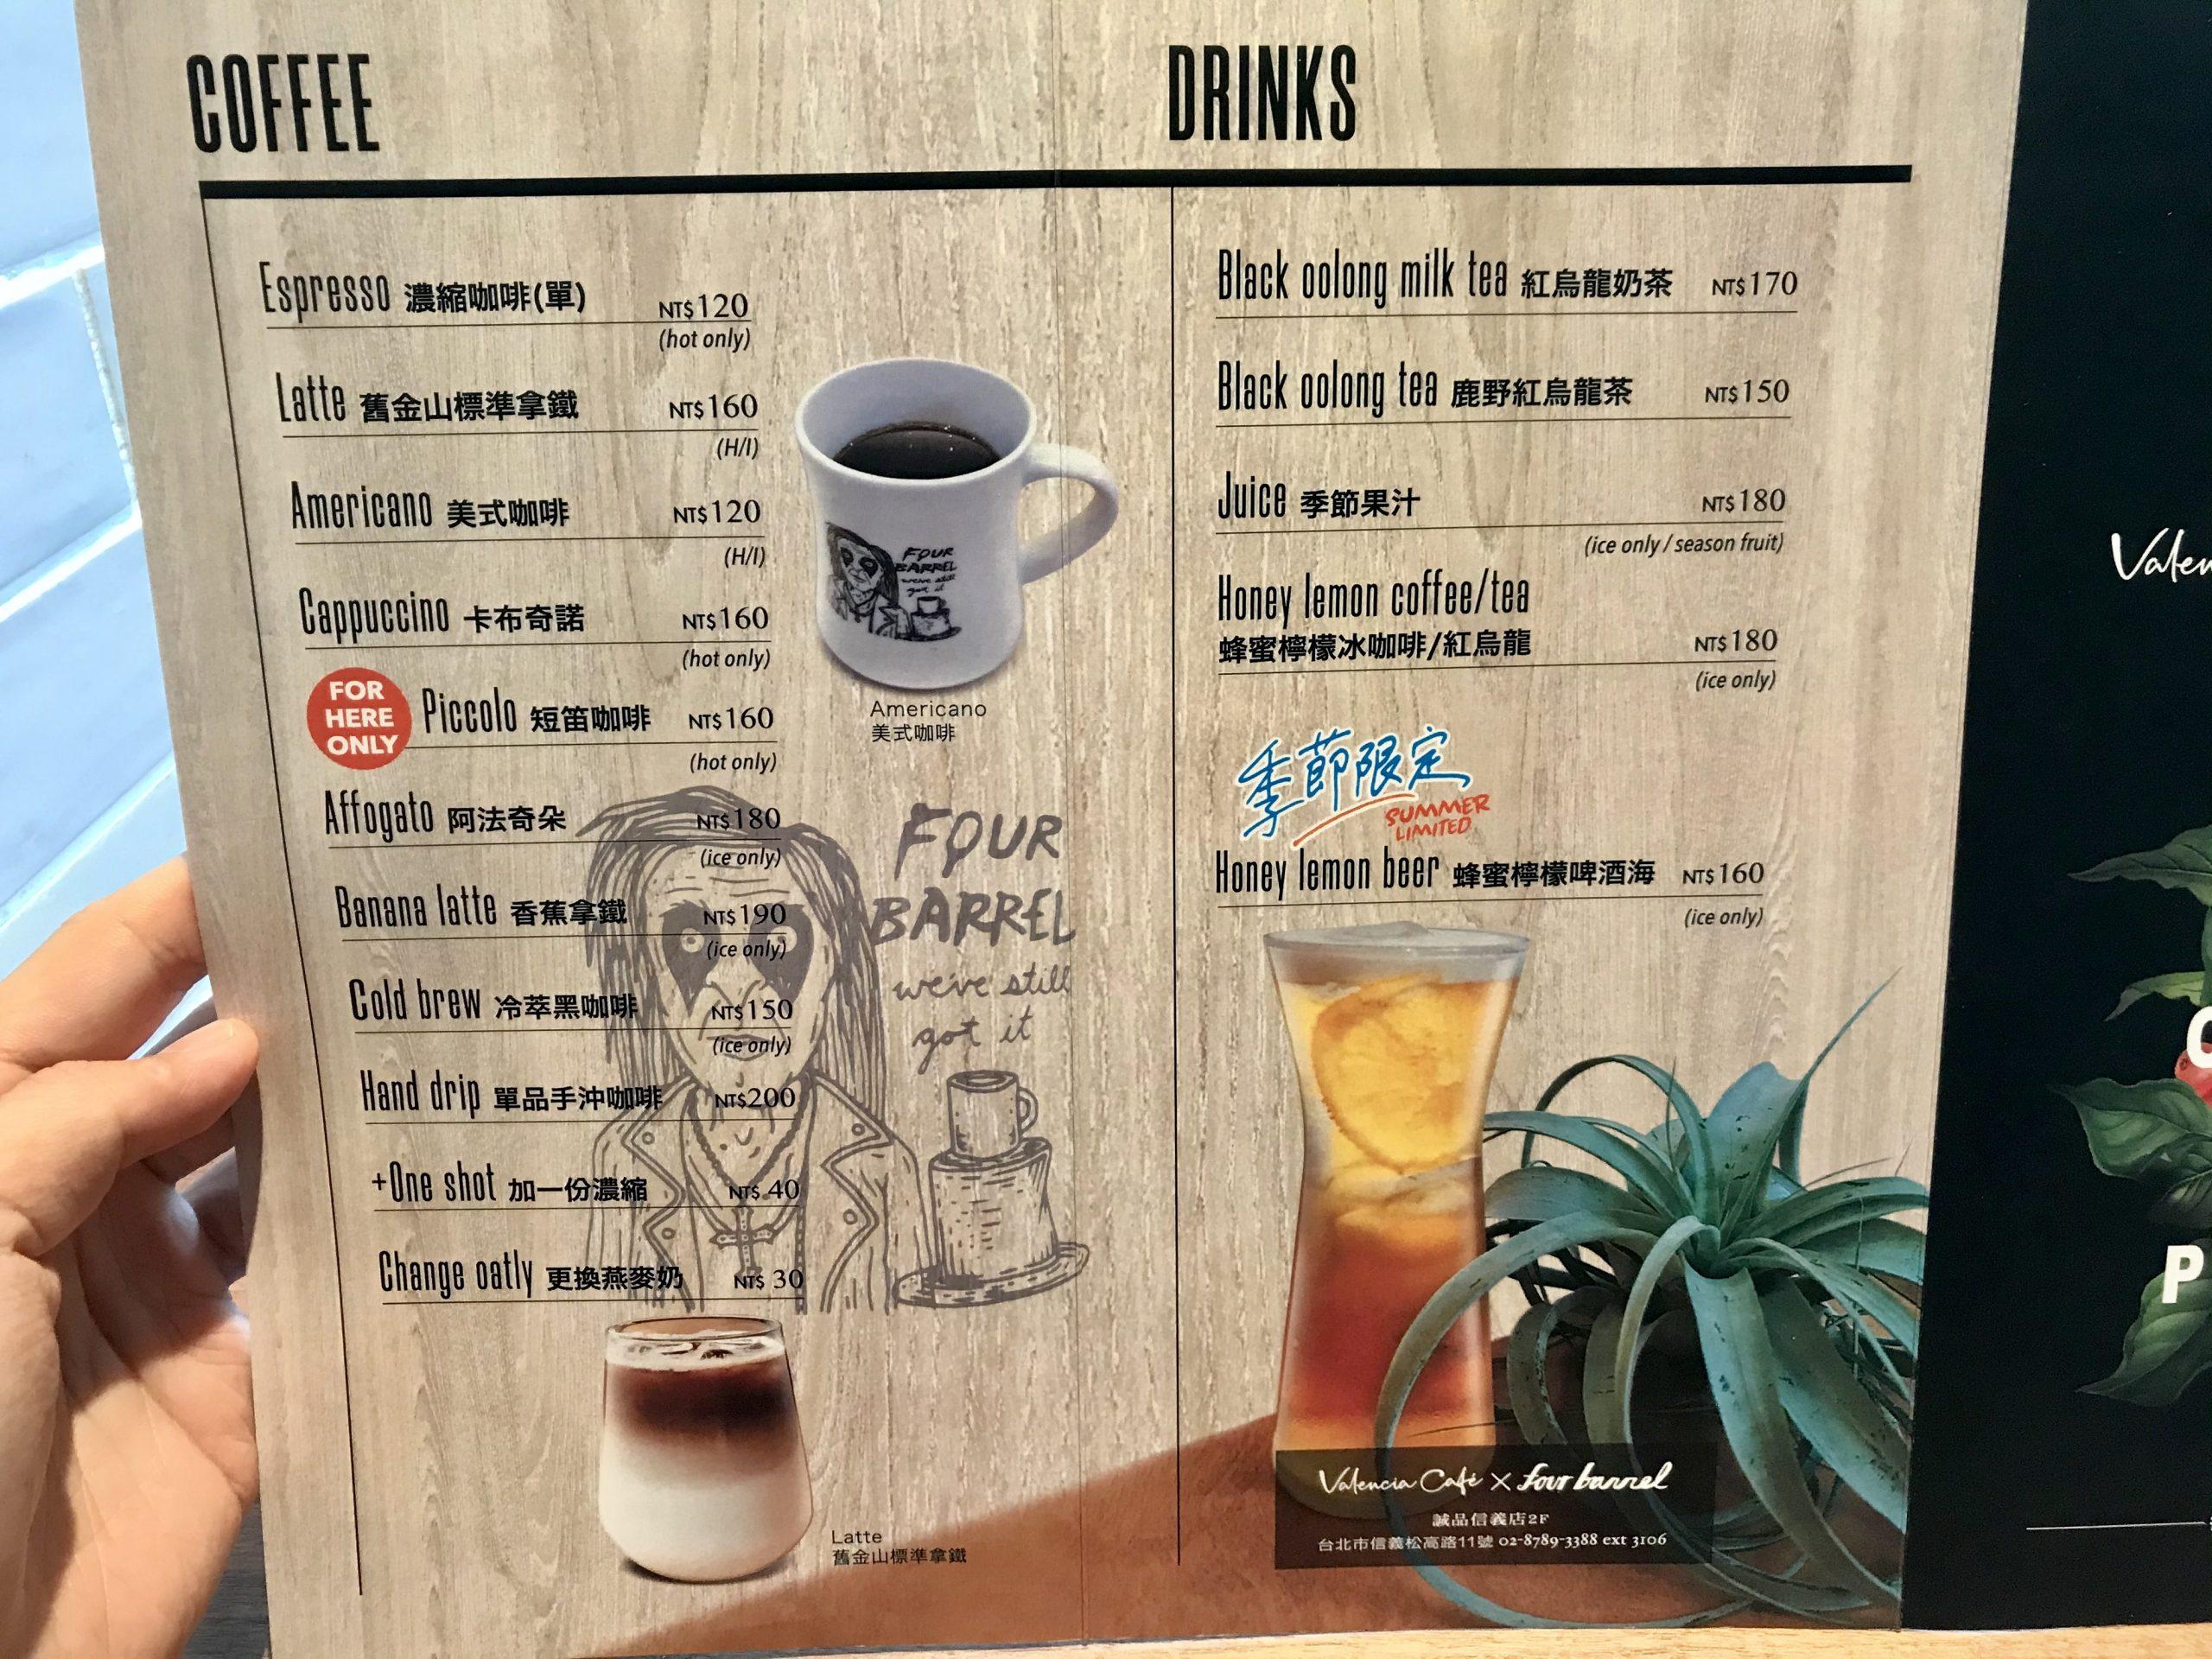 四桶咖啡菜單